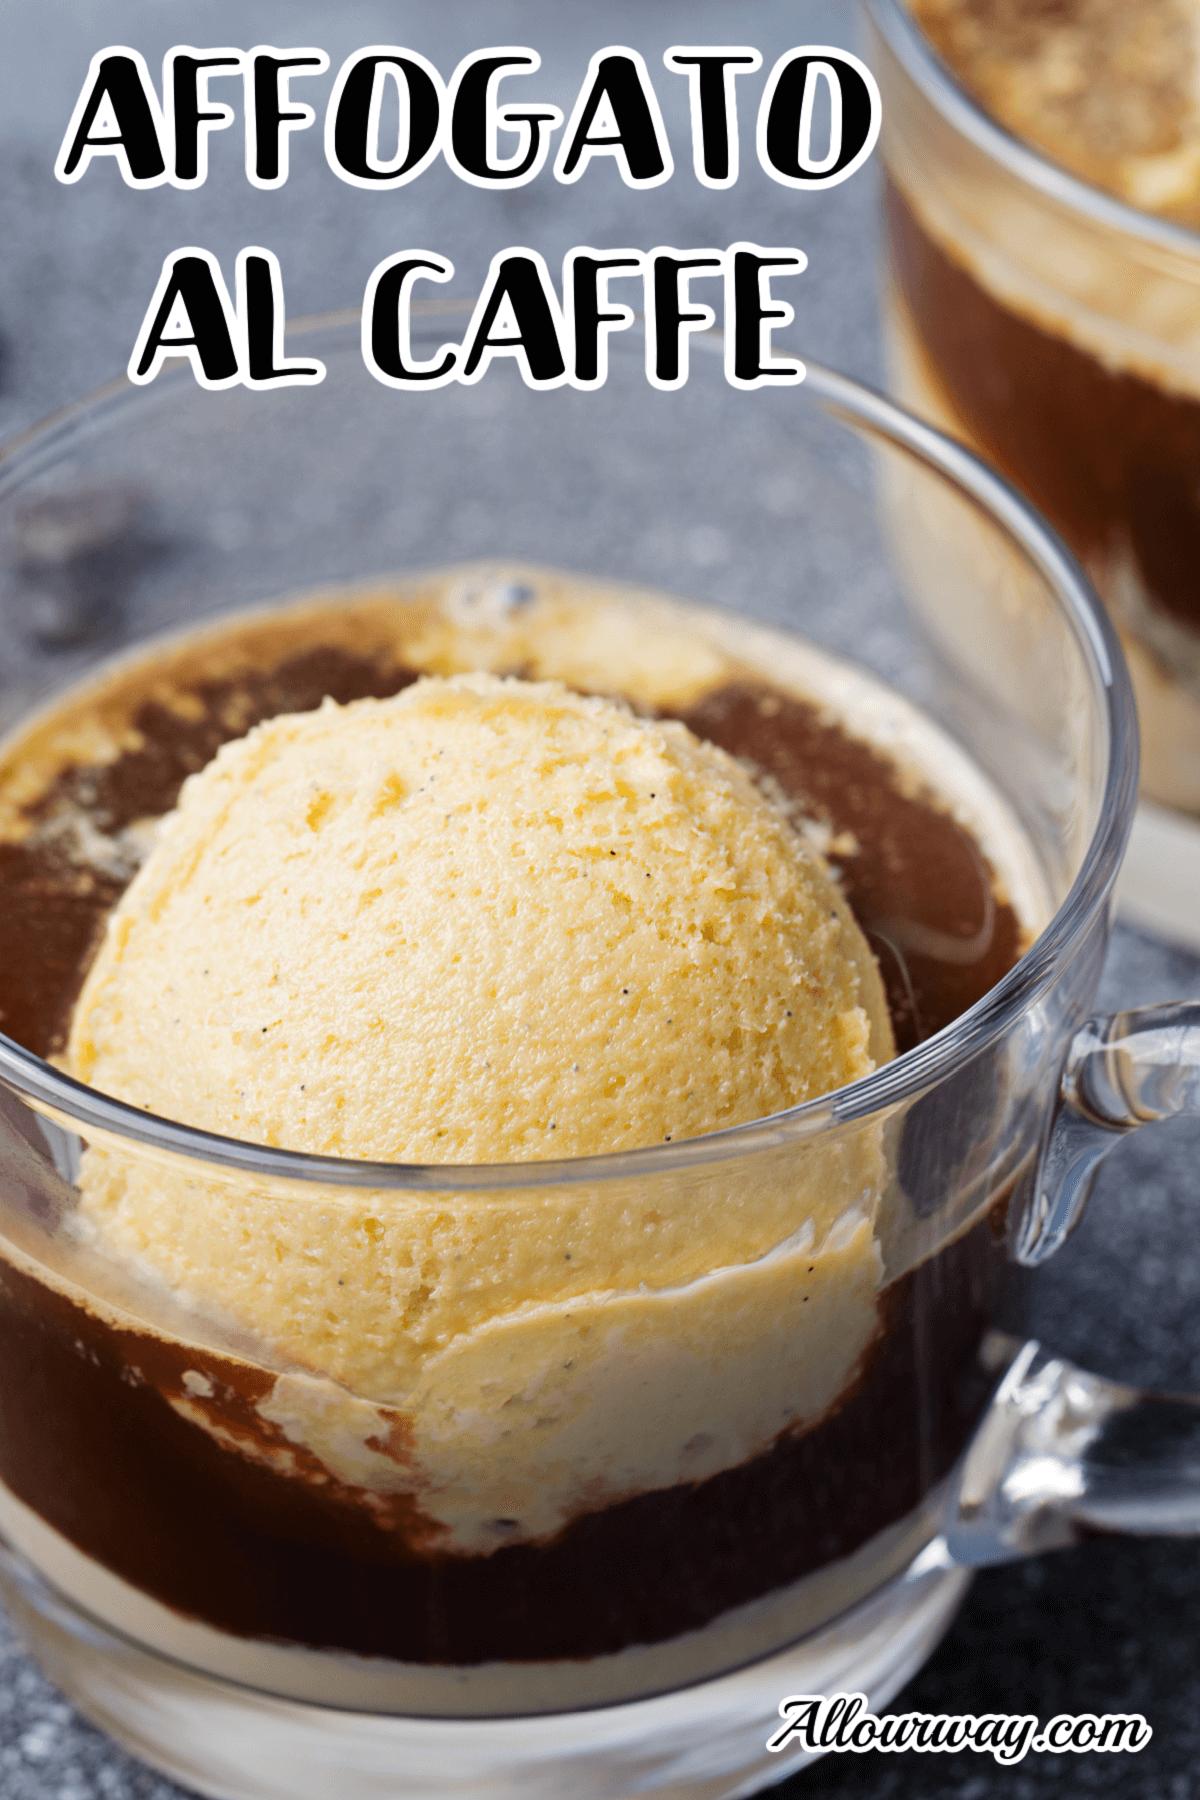 Affogato al caffe in a glass cup with ice cream.